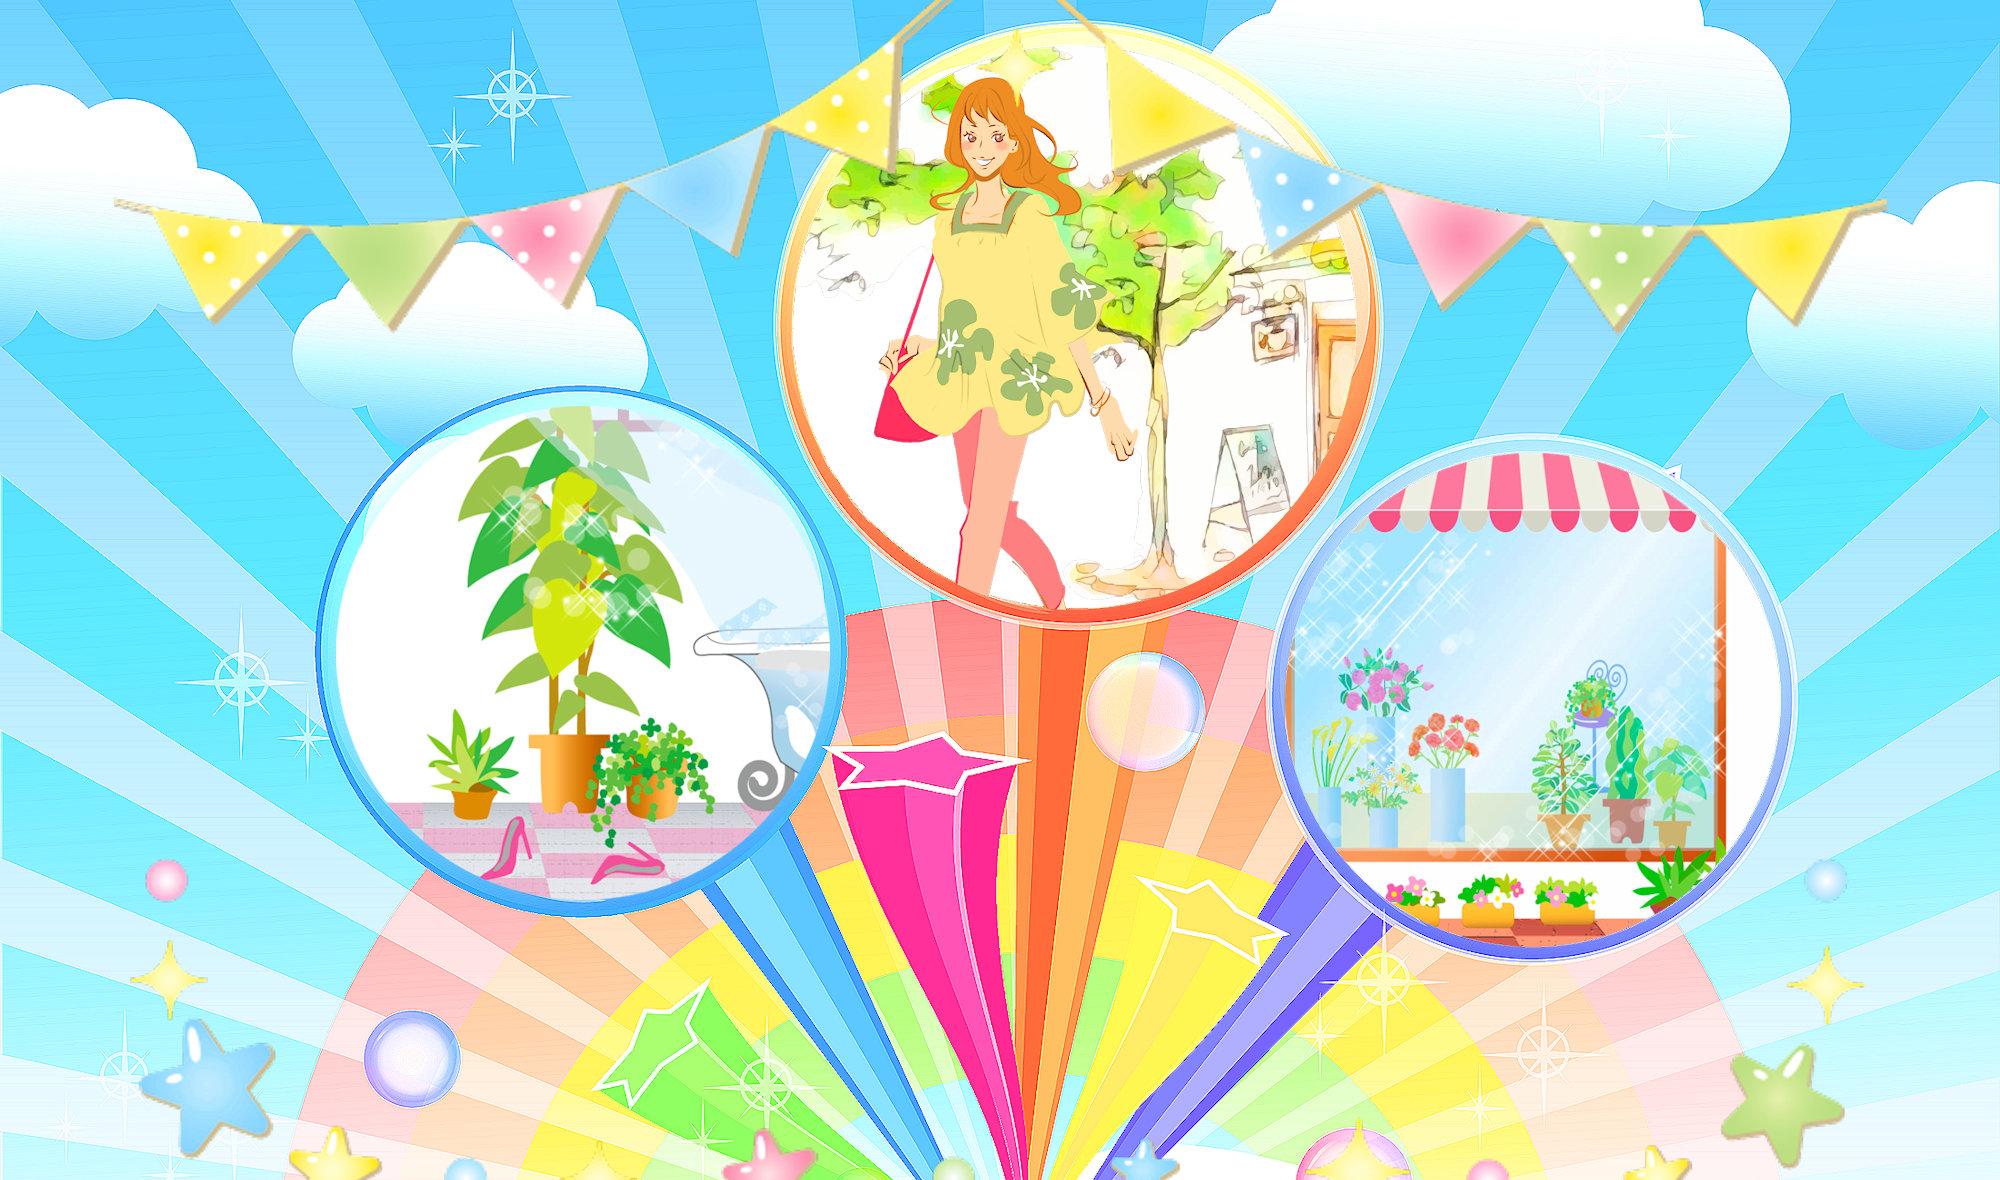 夢と魔法のハッピーマッピング